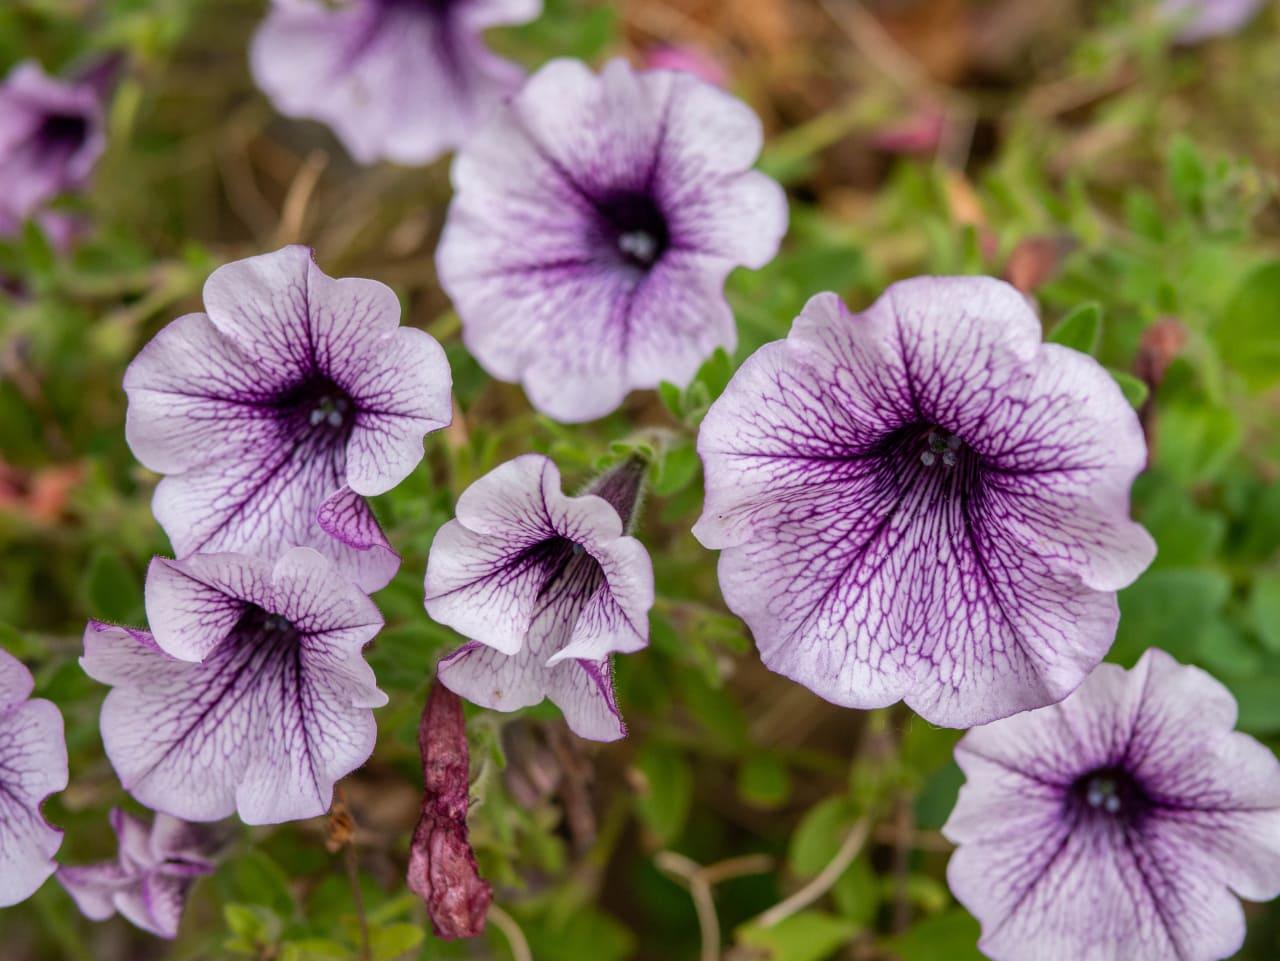 Dolny Śląsk1 Kwiaty Natura Przyroda Odpoczynek Winnica Agat